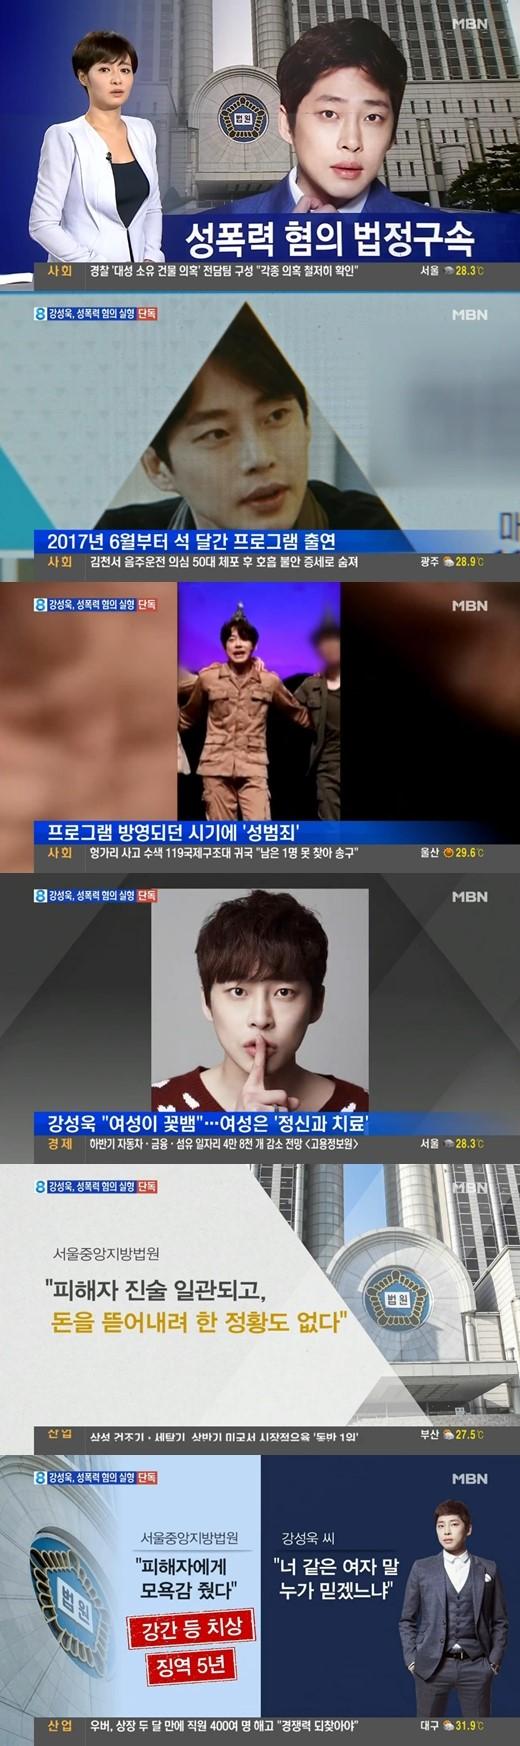 这都是怎幺了?韩国男艺人姜成旭强奸致人受伤被判五年有期徒刑